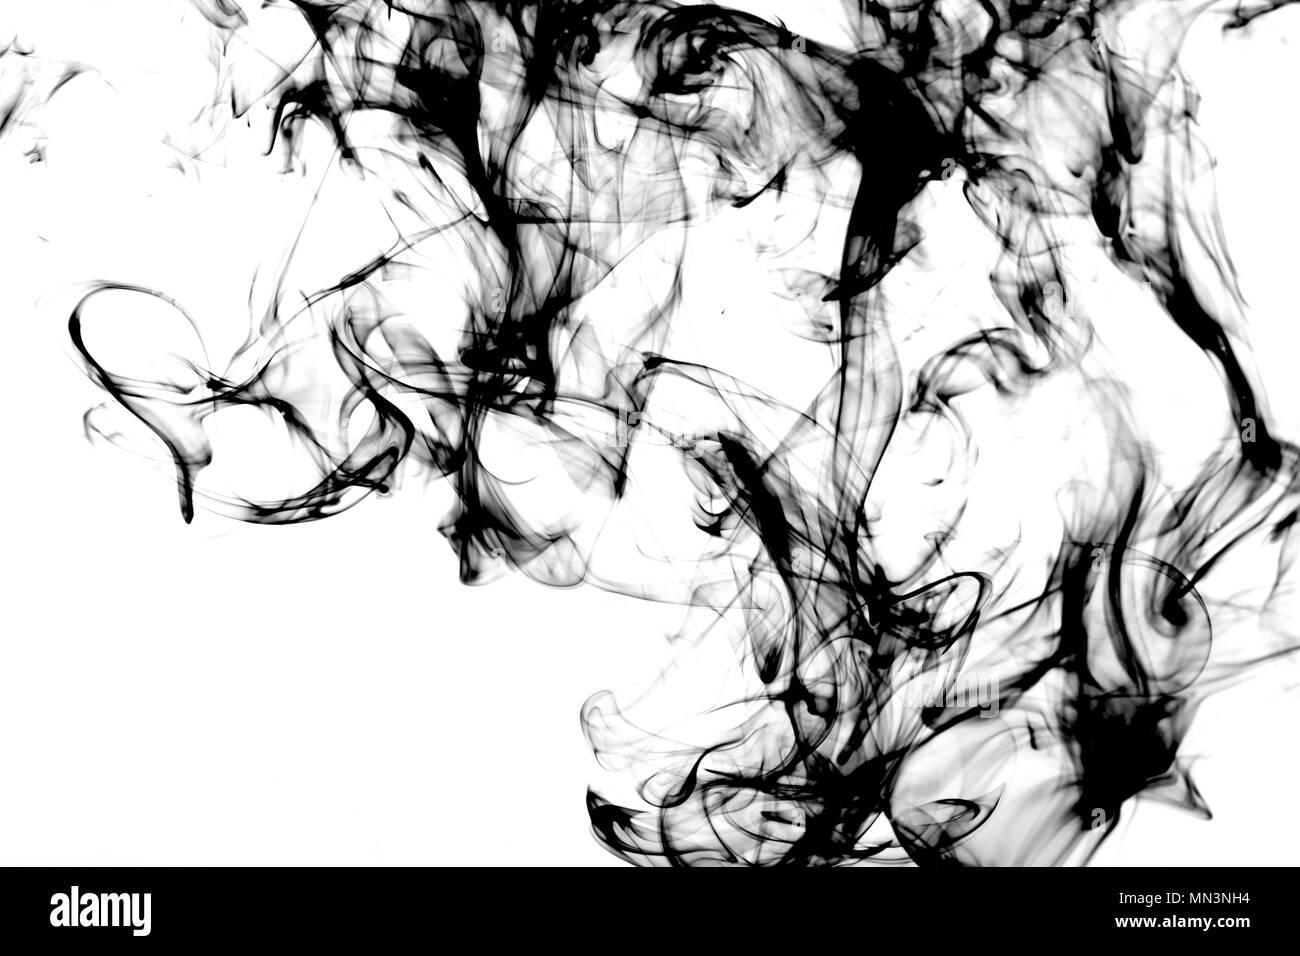 L'abstraction colorés sur fond blanc, éclairage studio Photo Stock